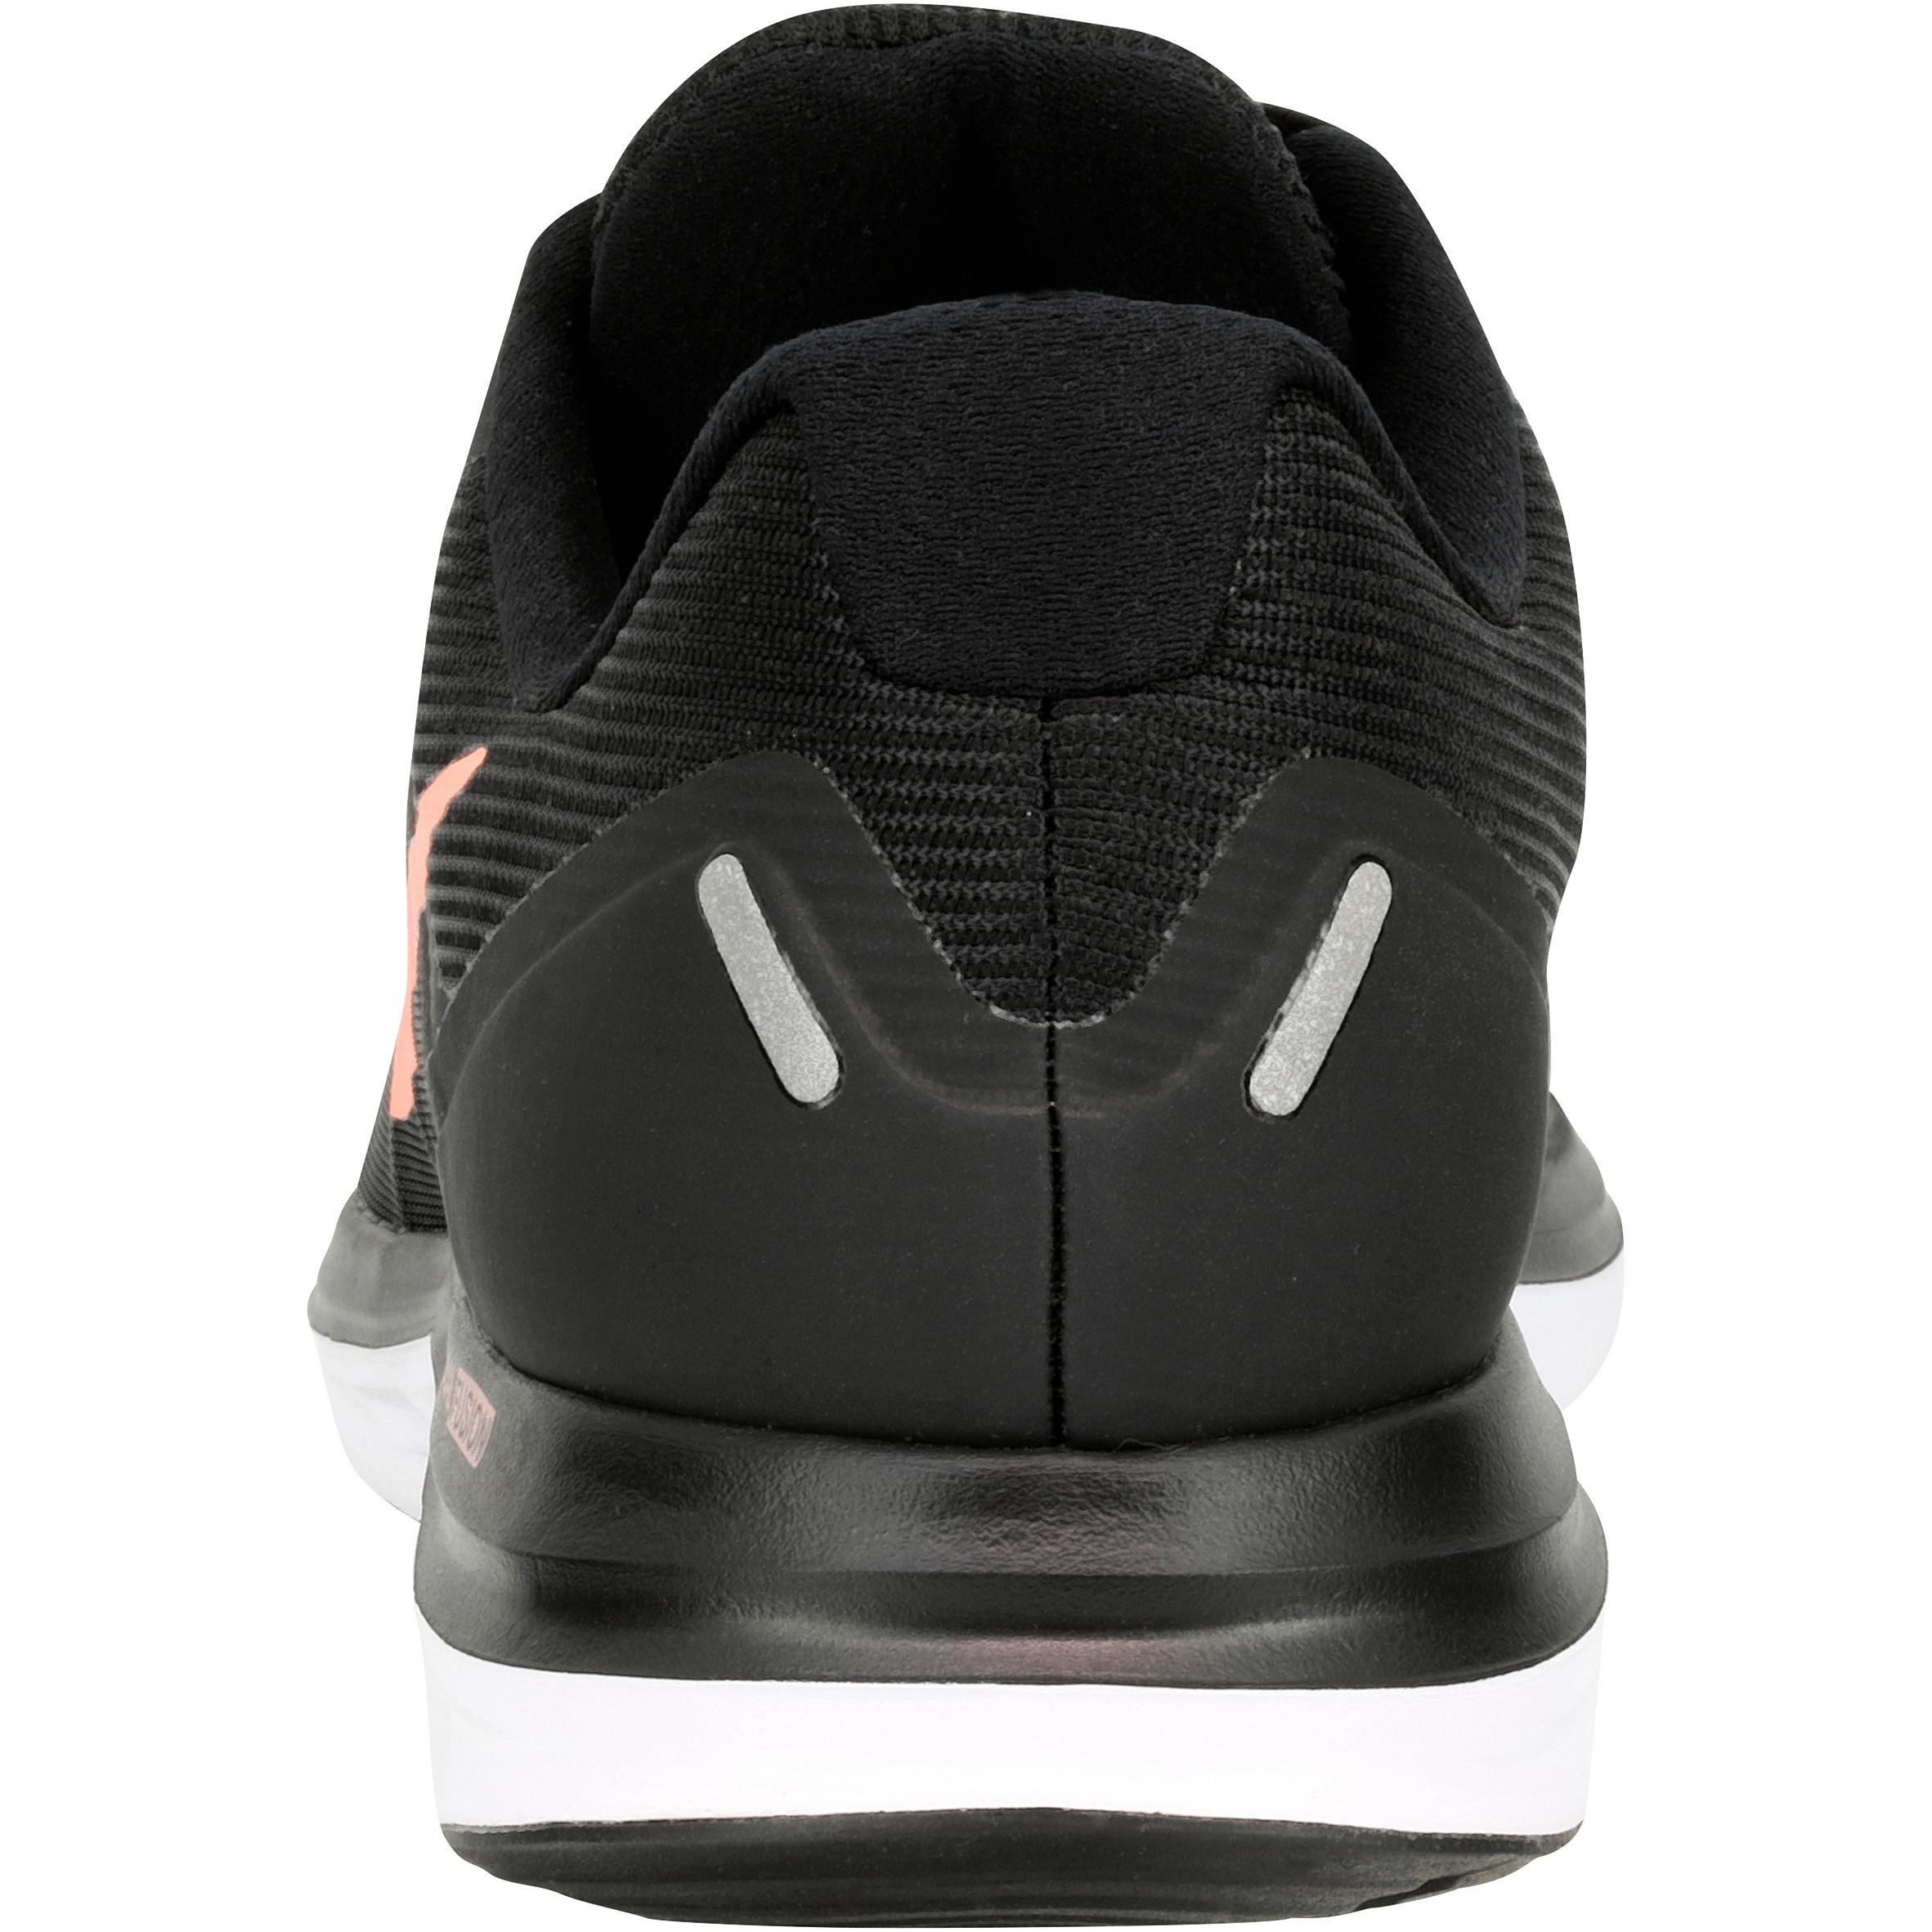 Jogging Pied Dual Chaussure X2 Femme Fusion De À Noir Course Nike wPk80XnO